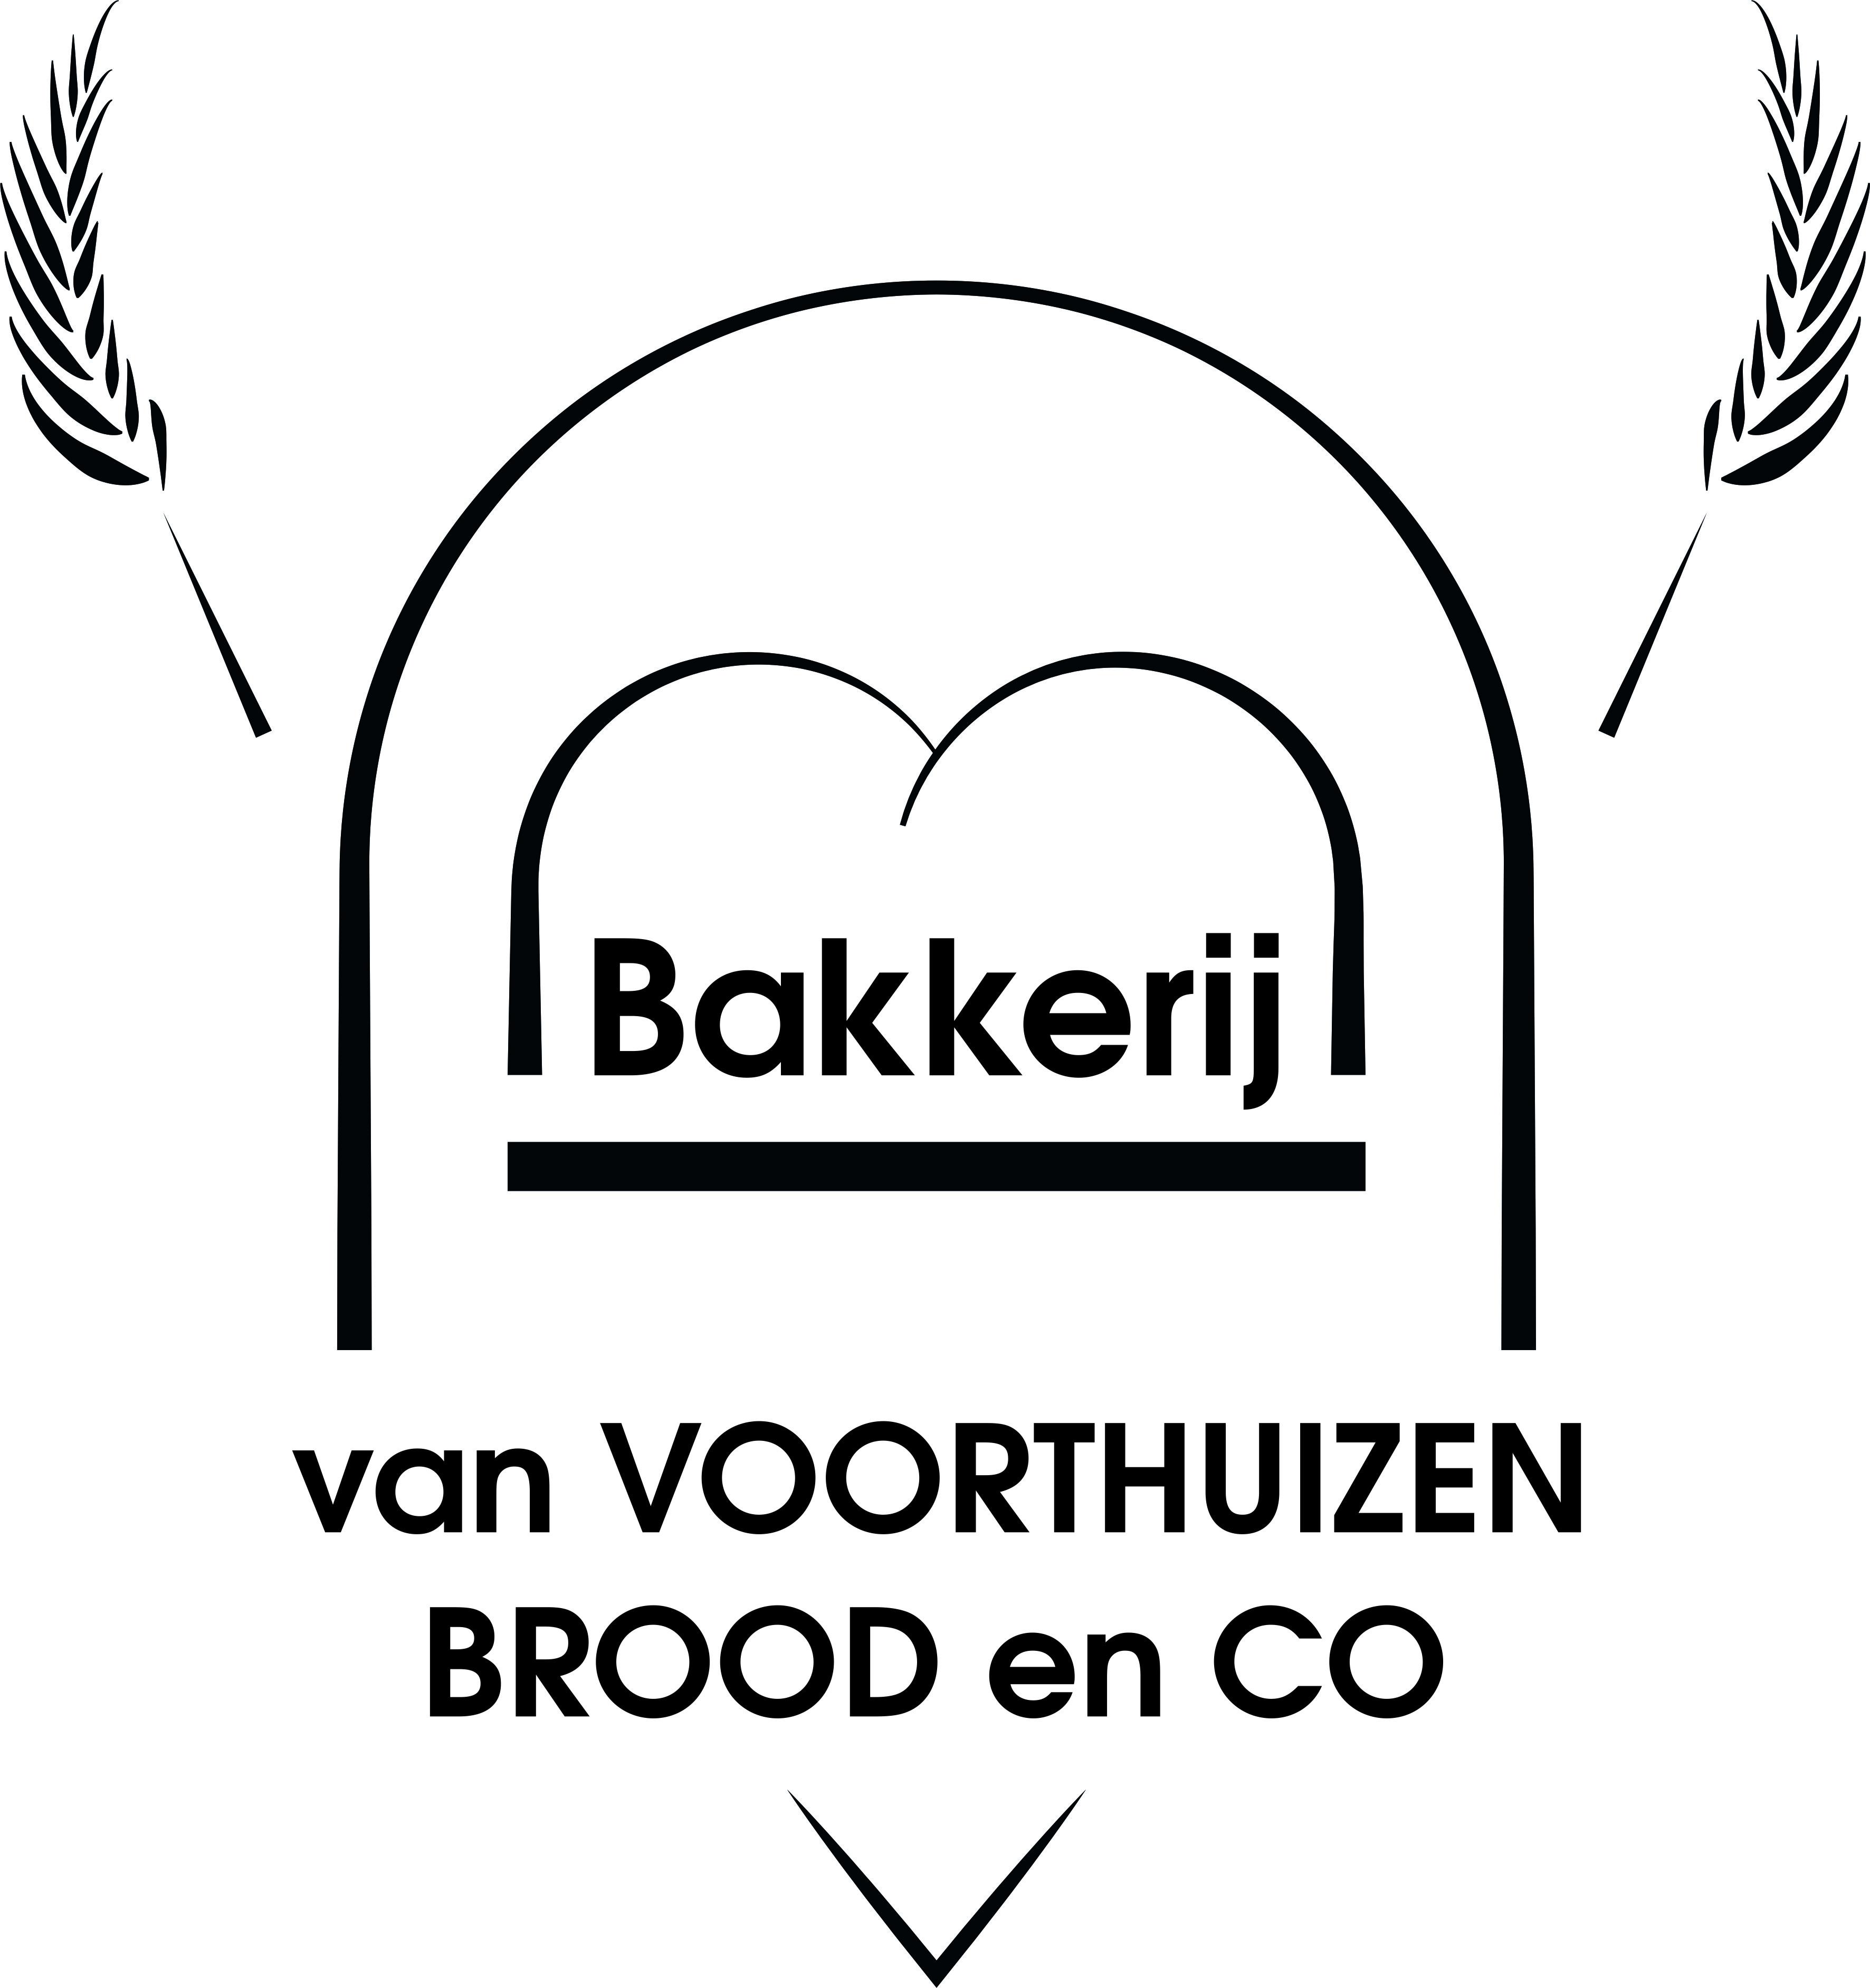 Bakkerij van Voorthuizen / Brood en Co